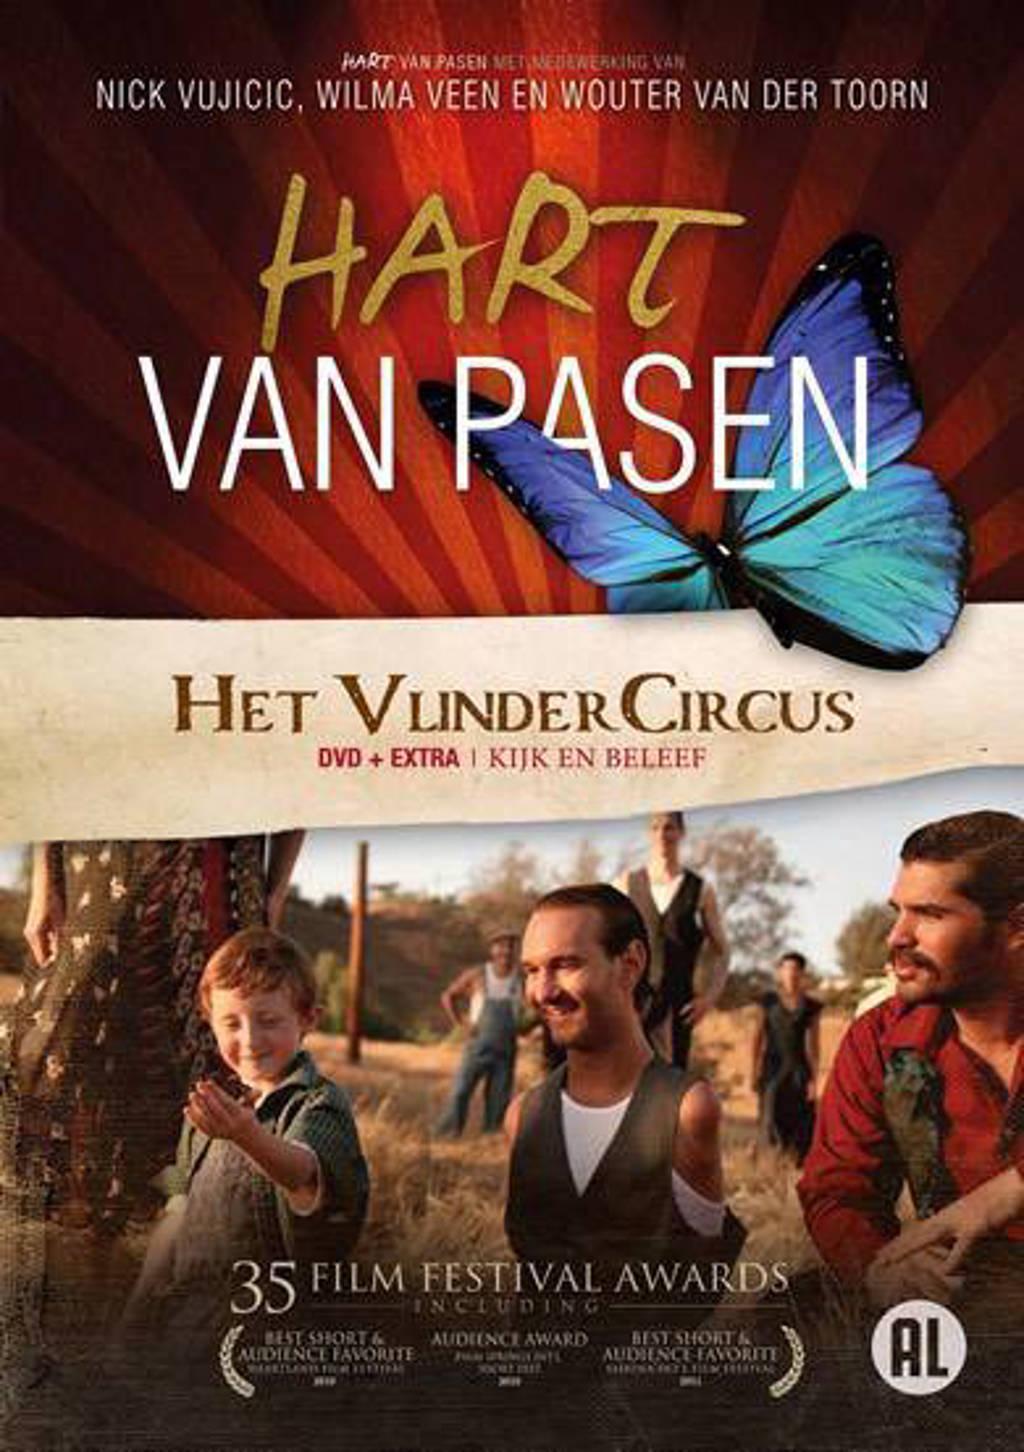 Hart Van Pasen - Het Vlindercircus (DVD)